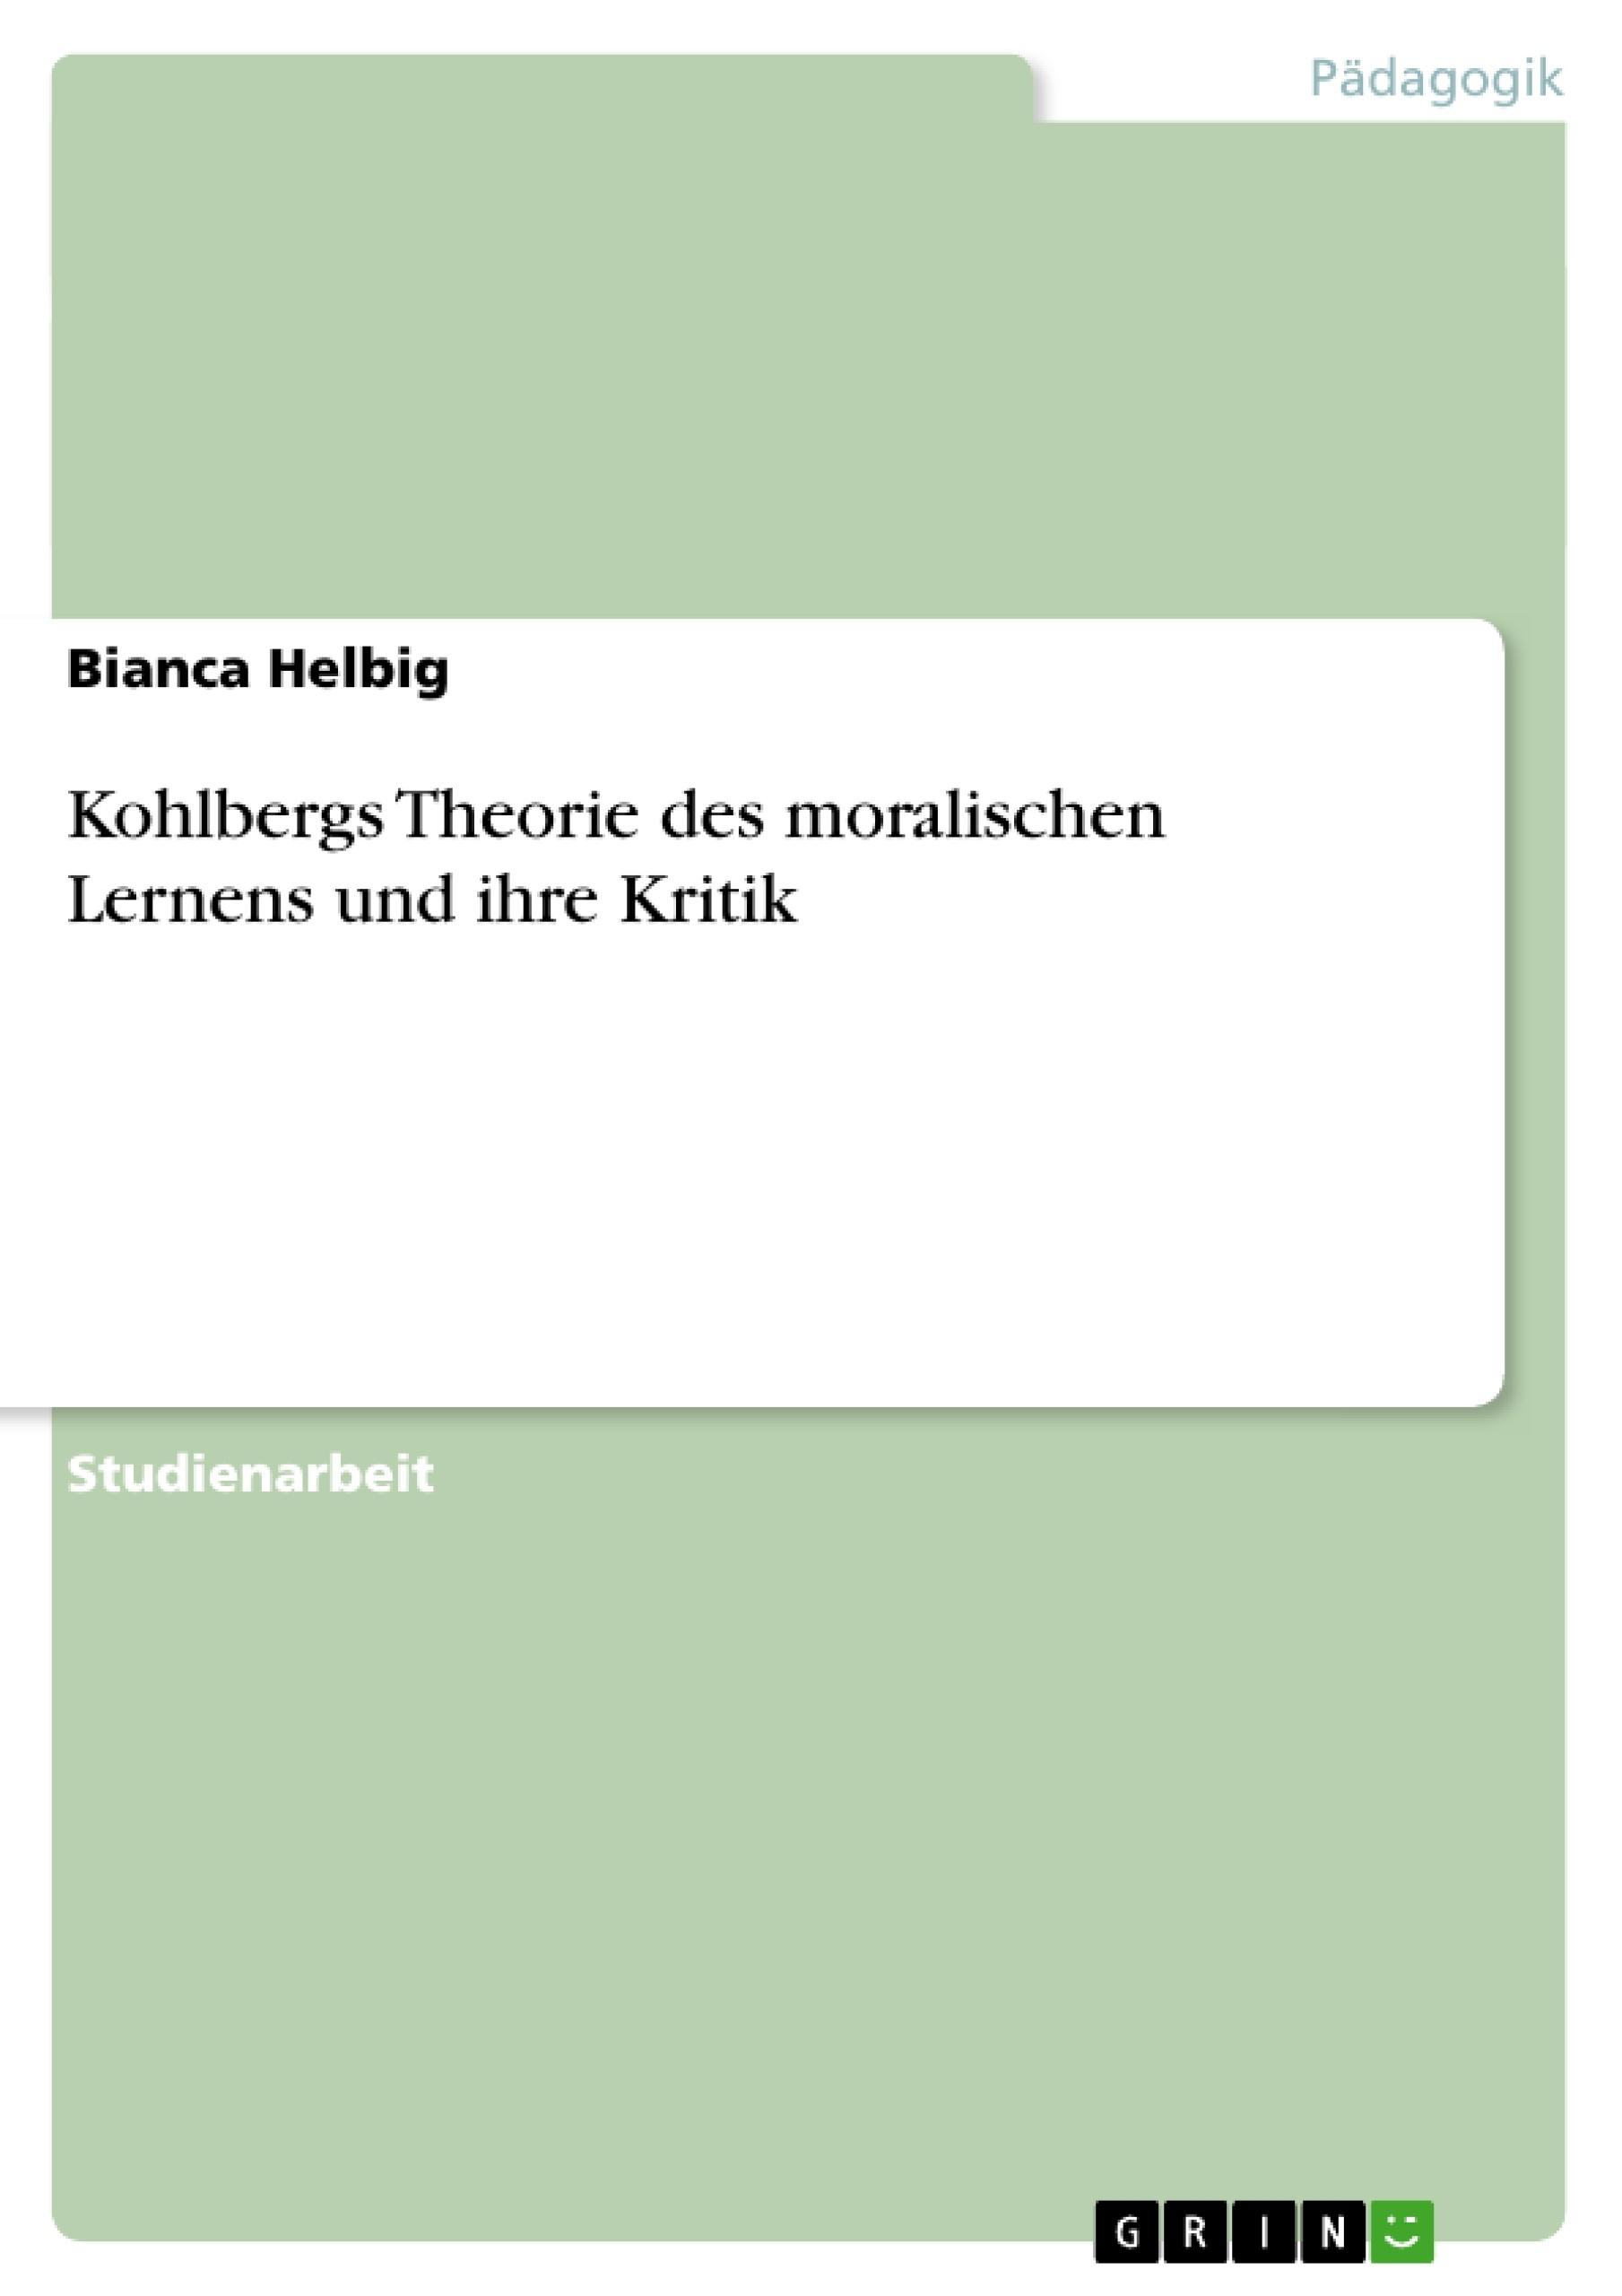 Titel: Kohlbergs Theorie des moralischen Lernens und ihre Kritik